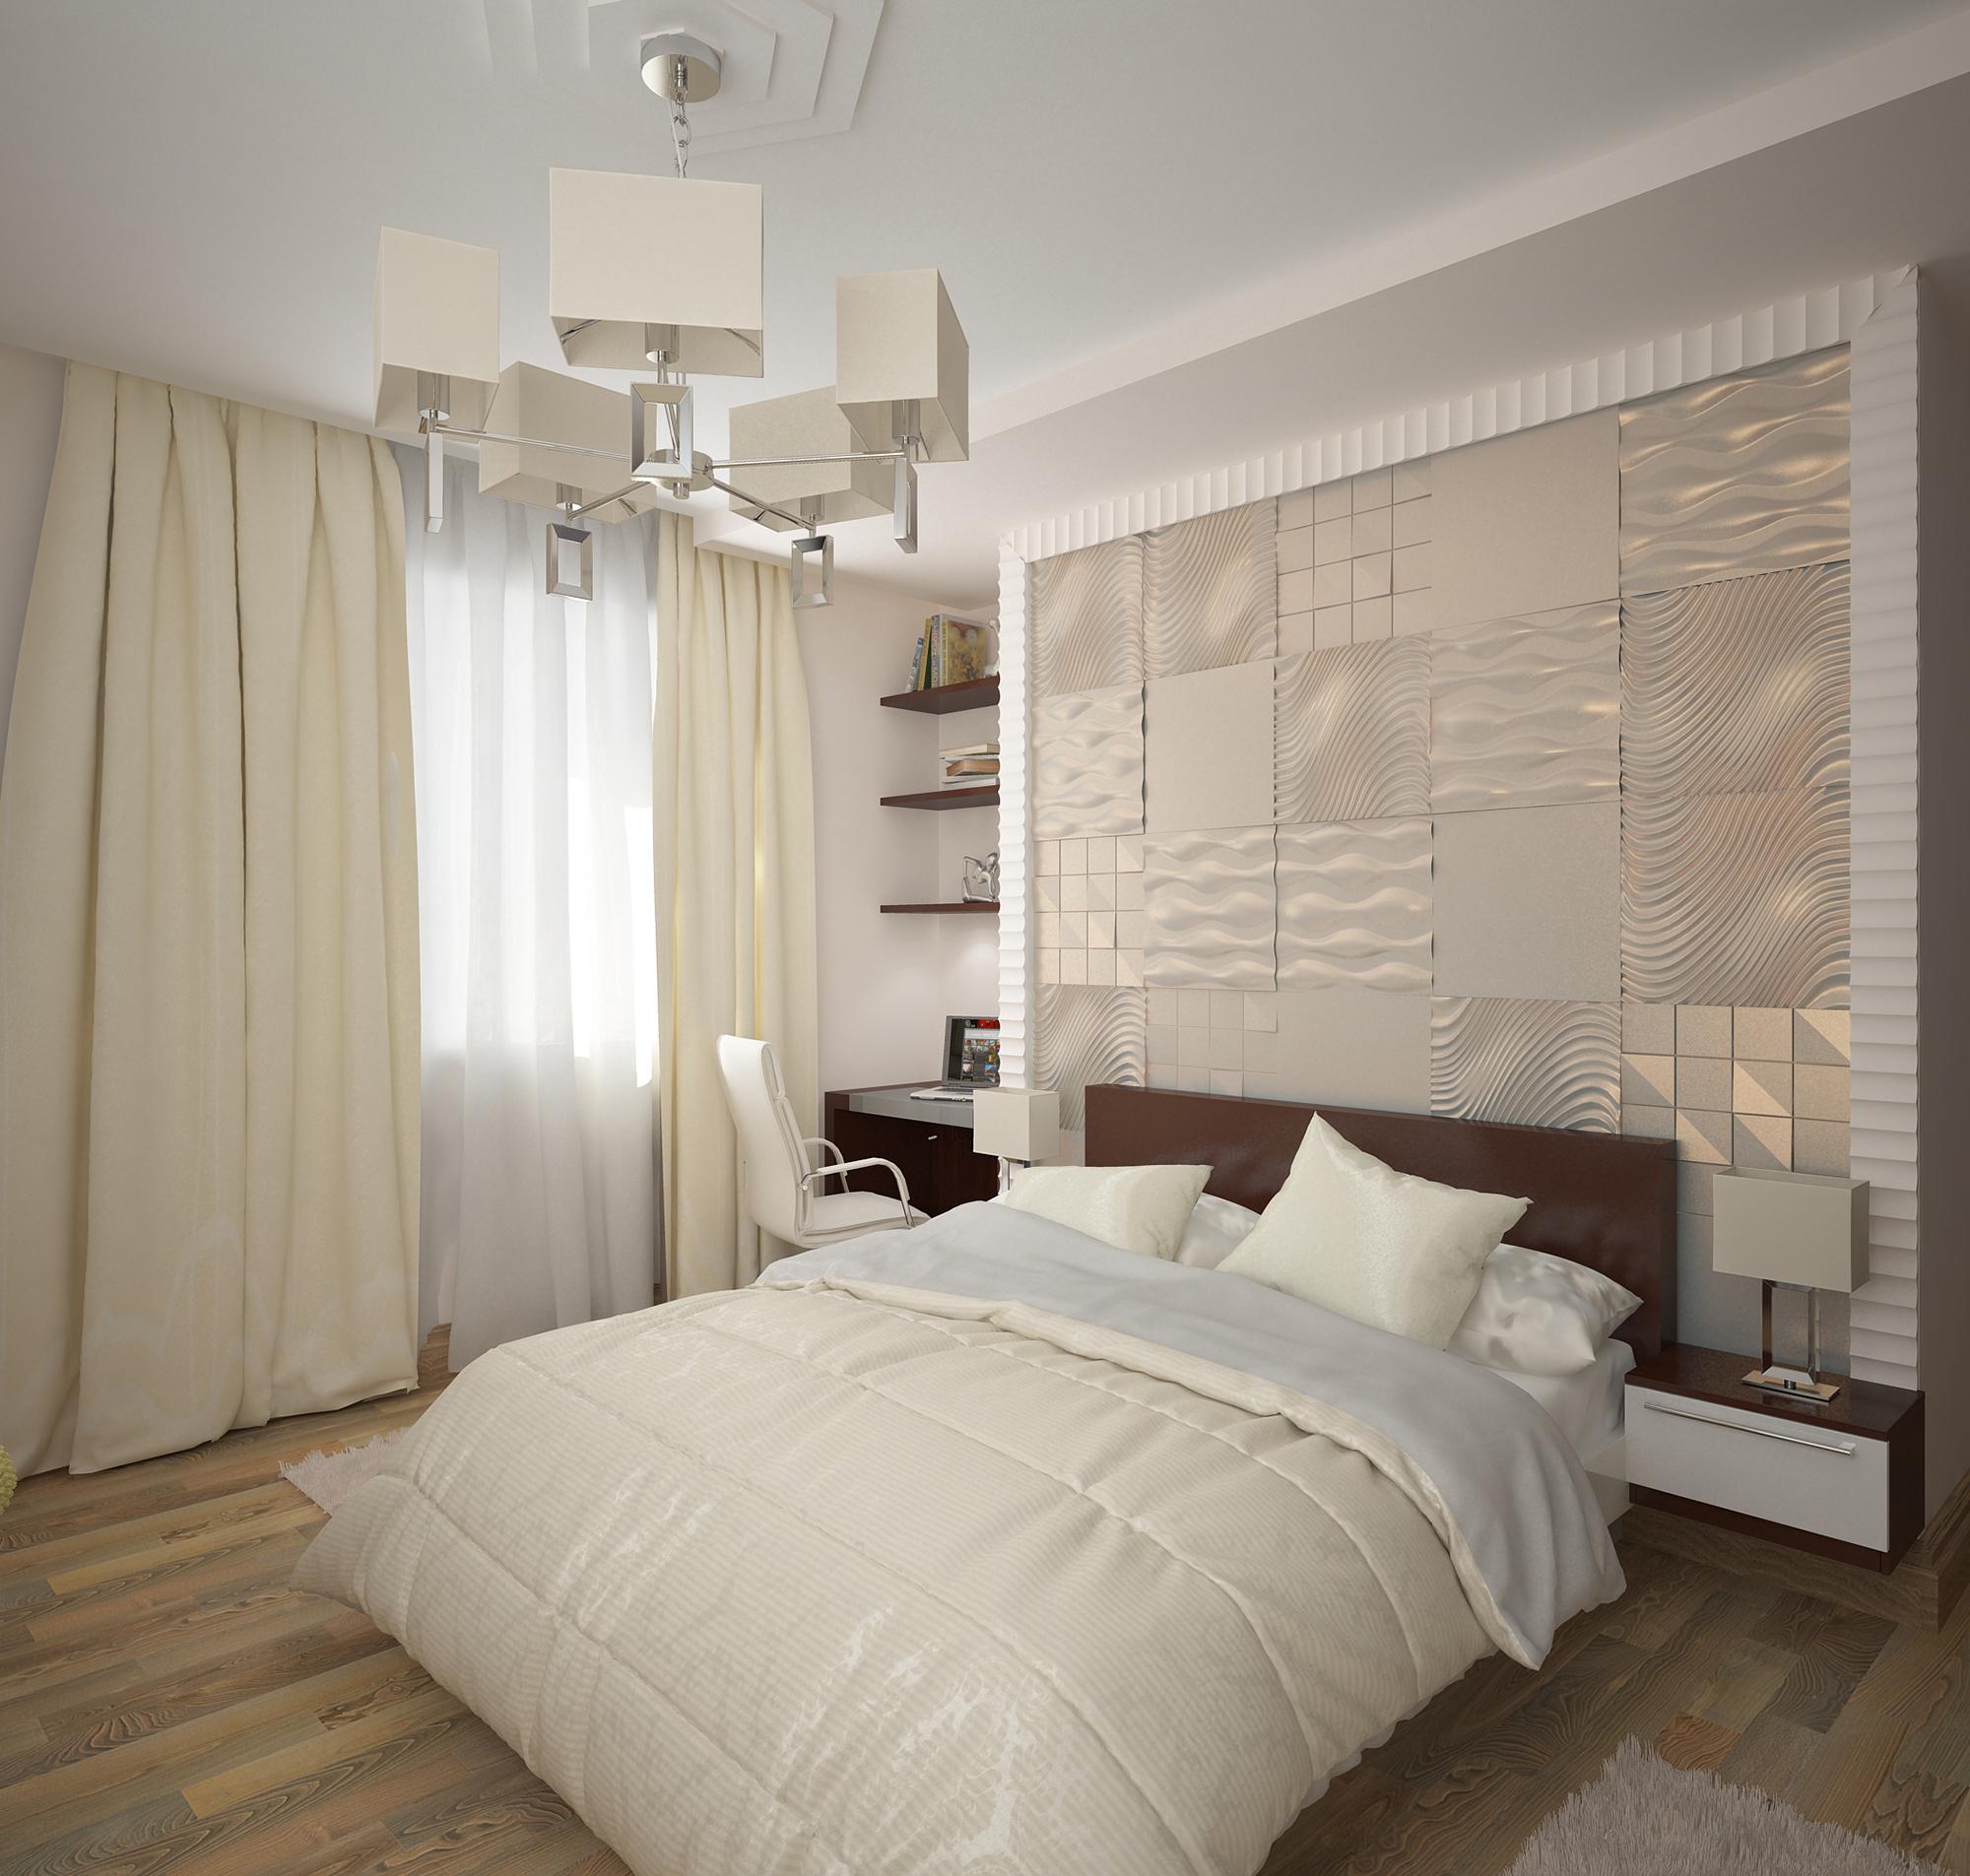 Бежевый текстиль в светлой спальне